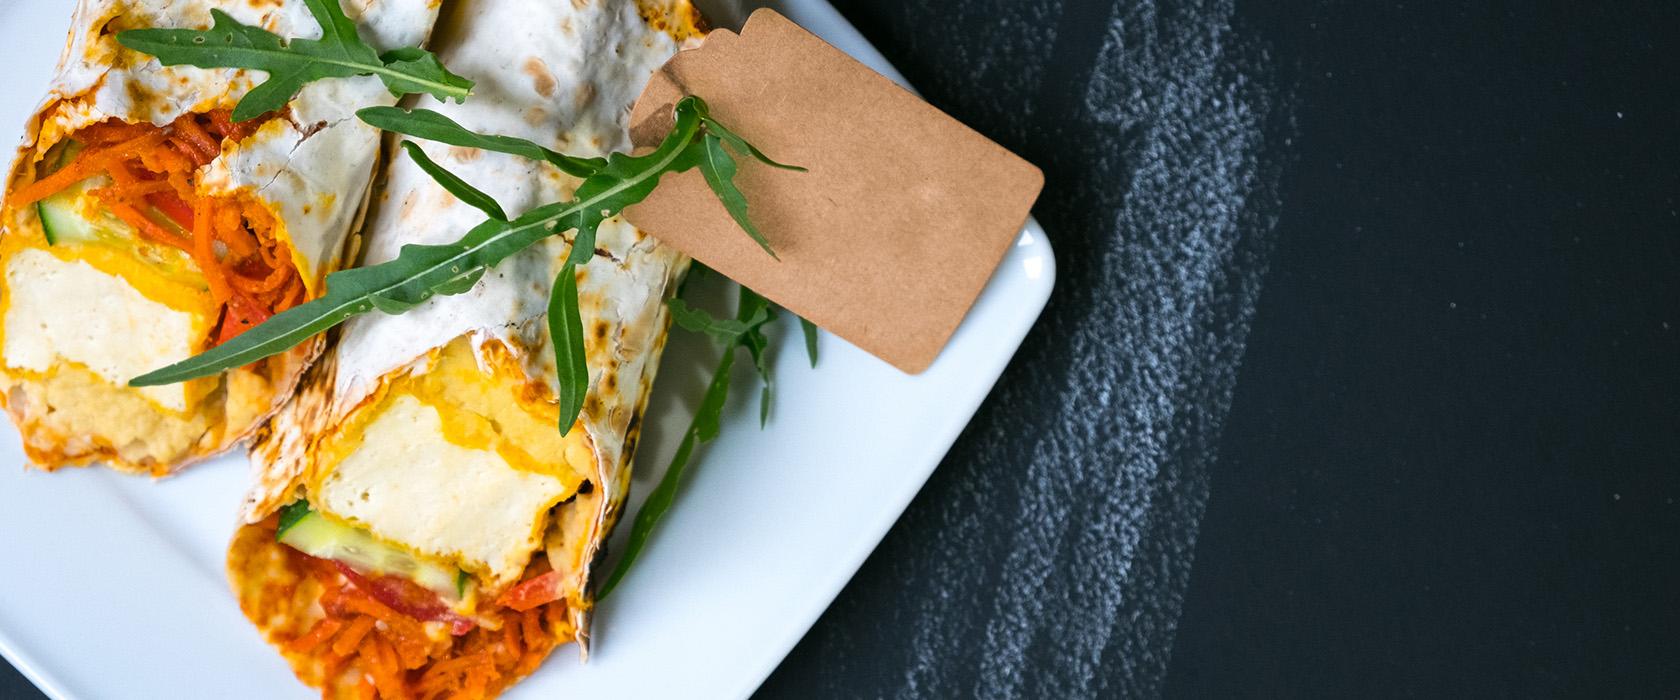 Сыр тофу: польза и вред. Что ещё надо знать о сыре тофу?